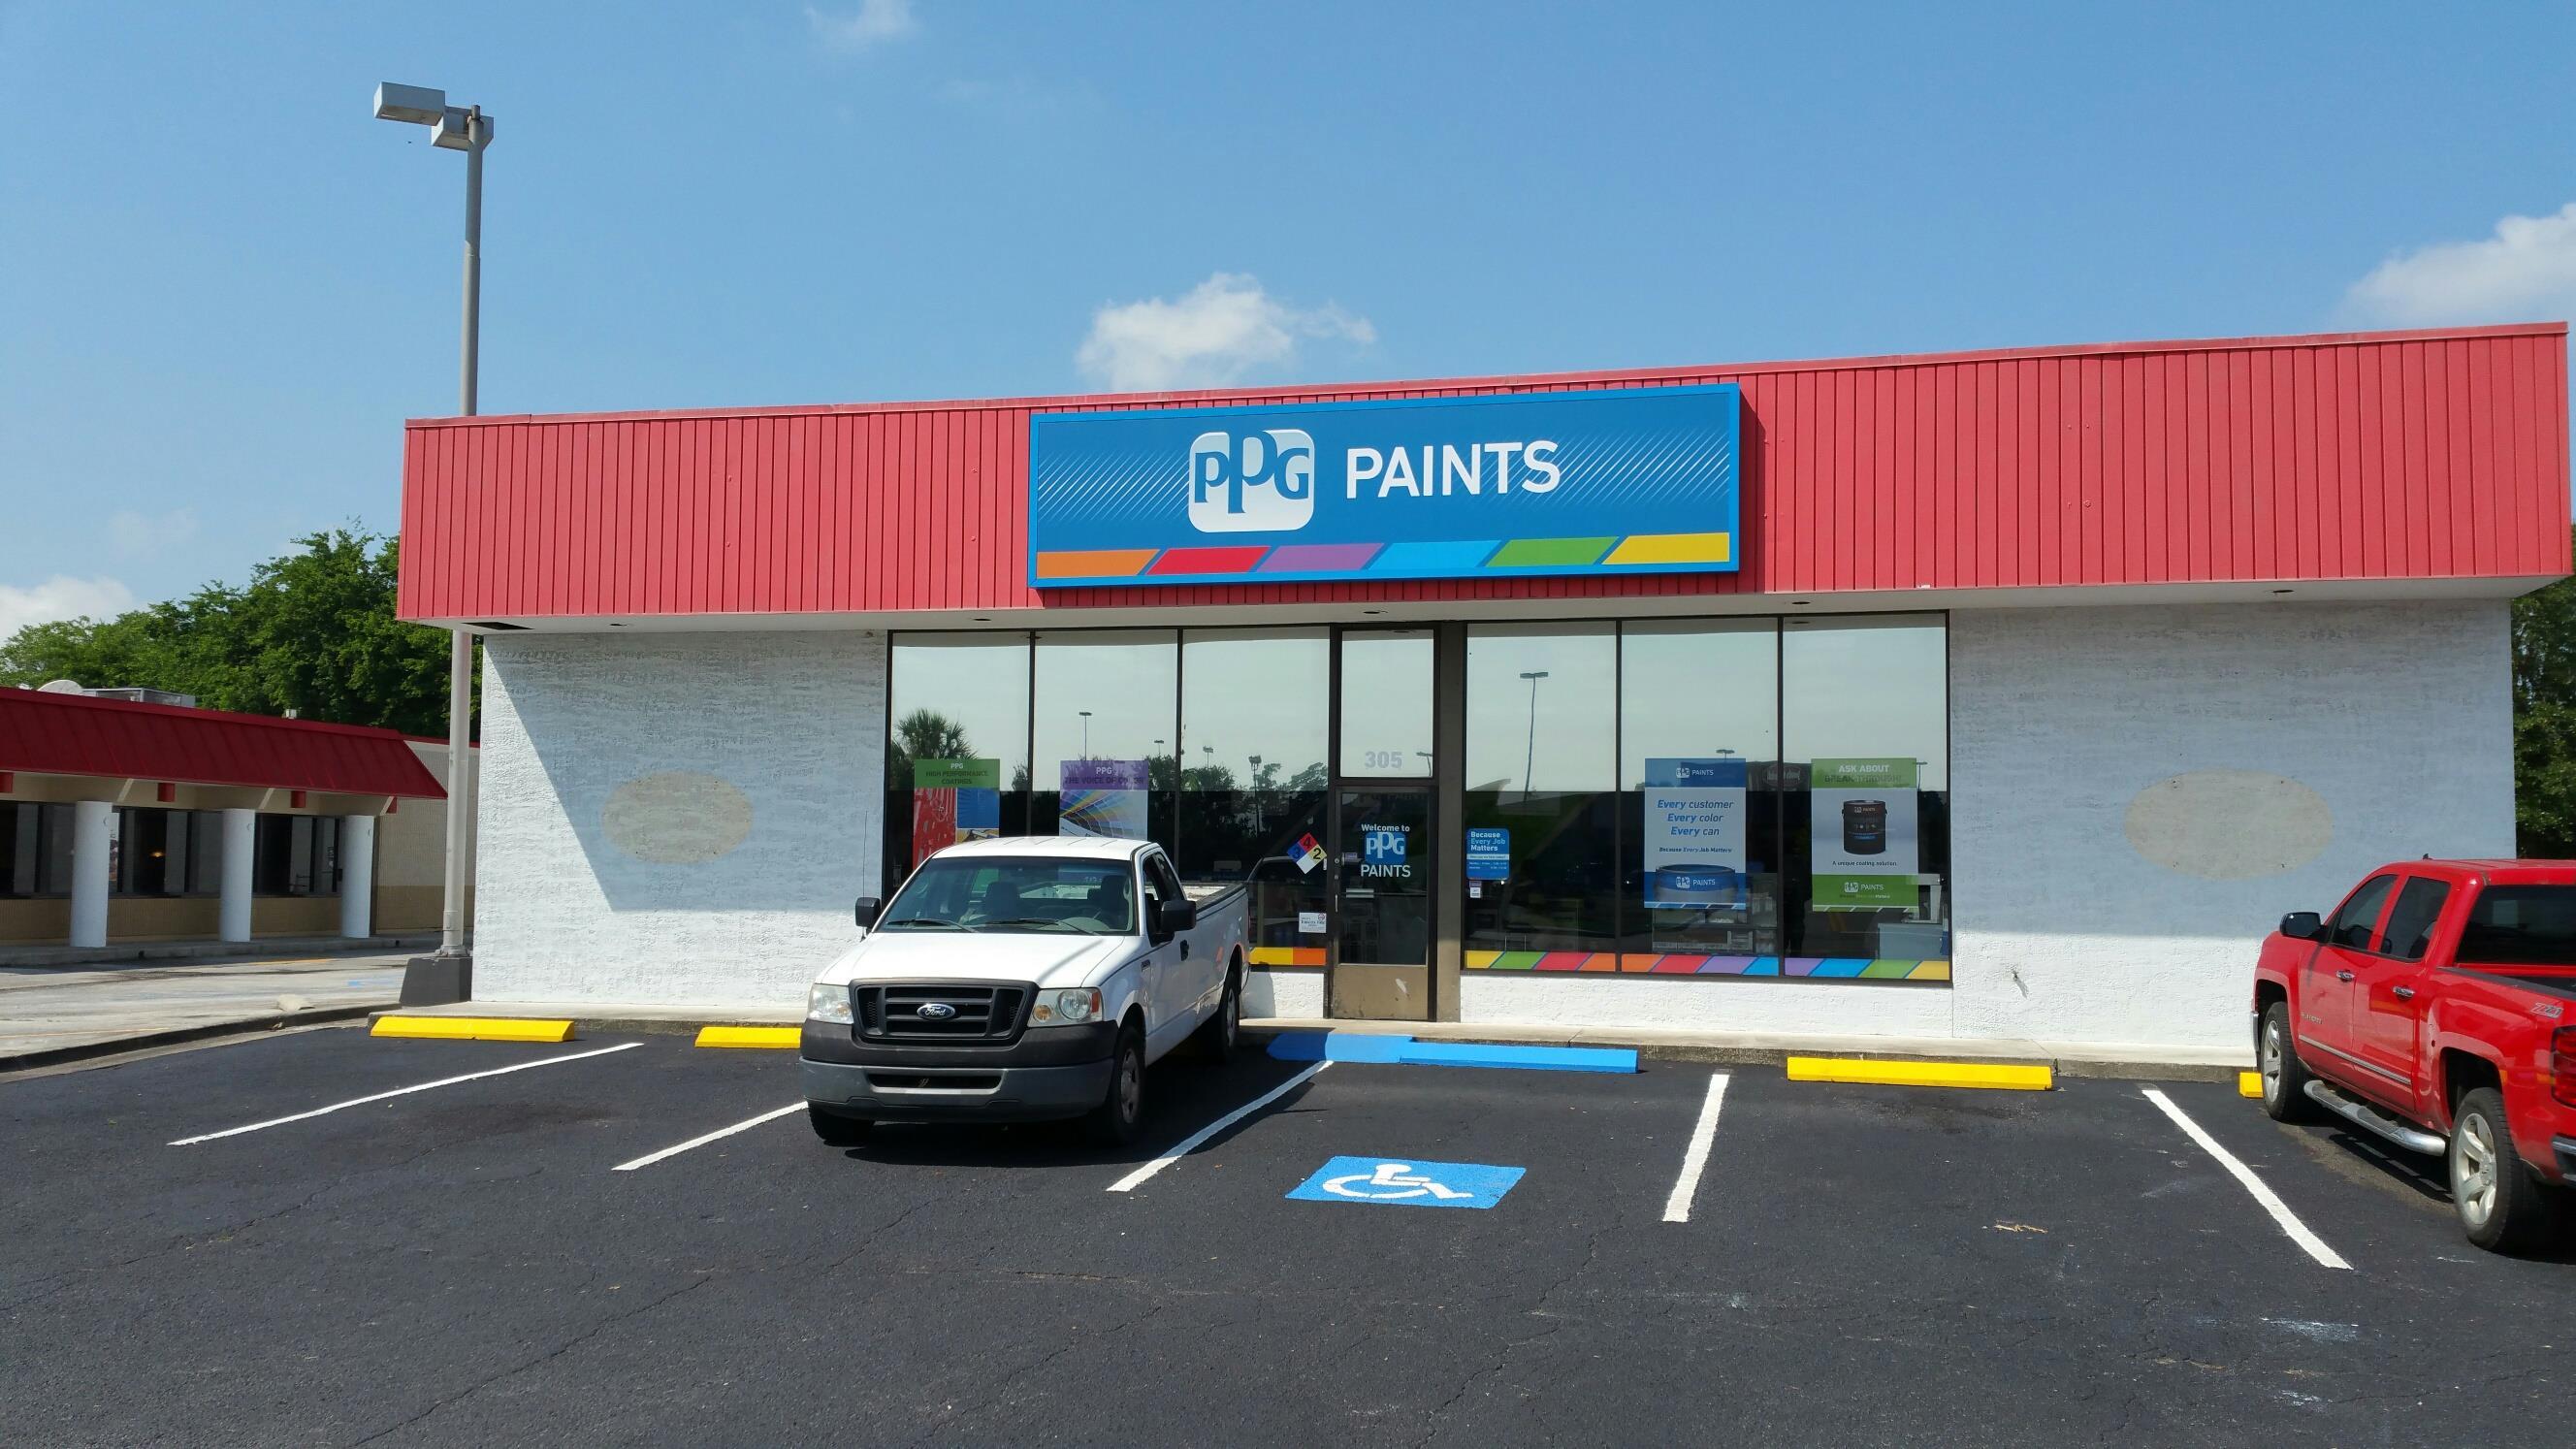 Ppg paints savannah paint store for Ppg automotive paint store